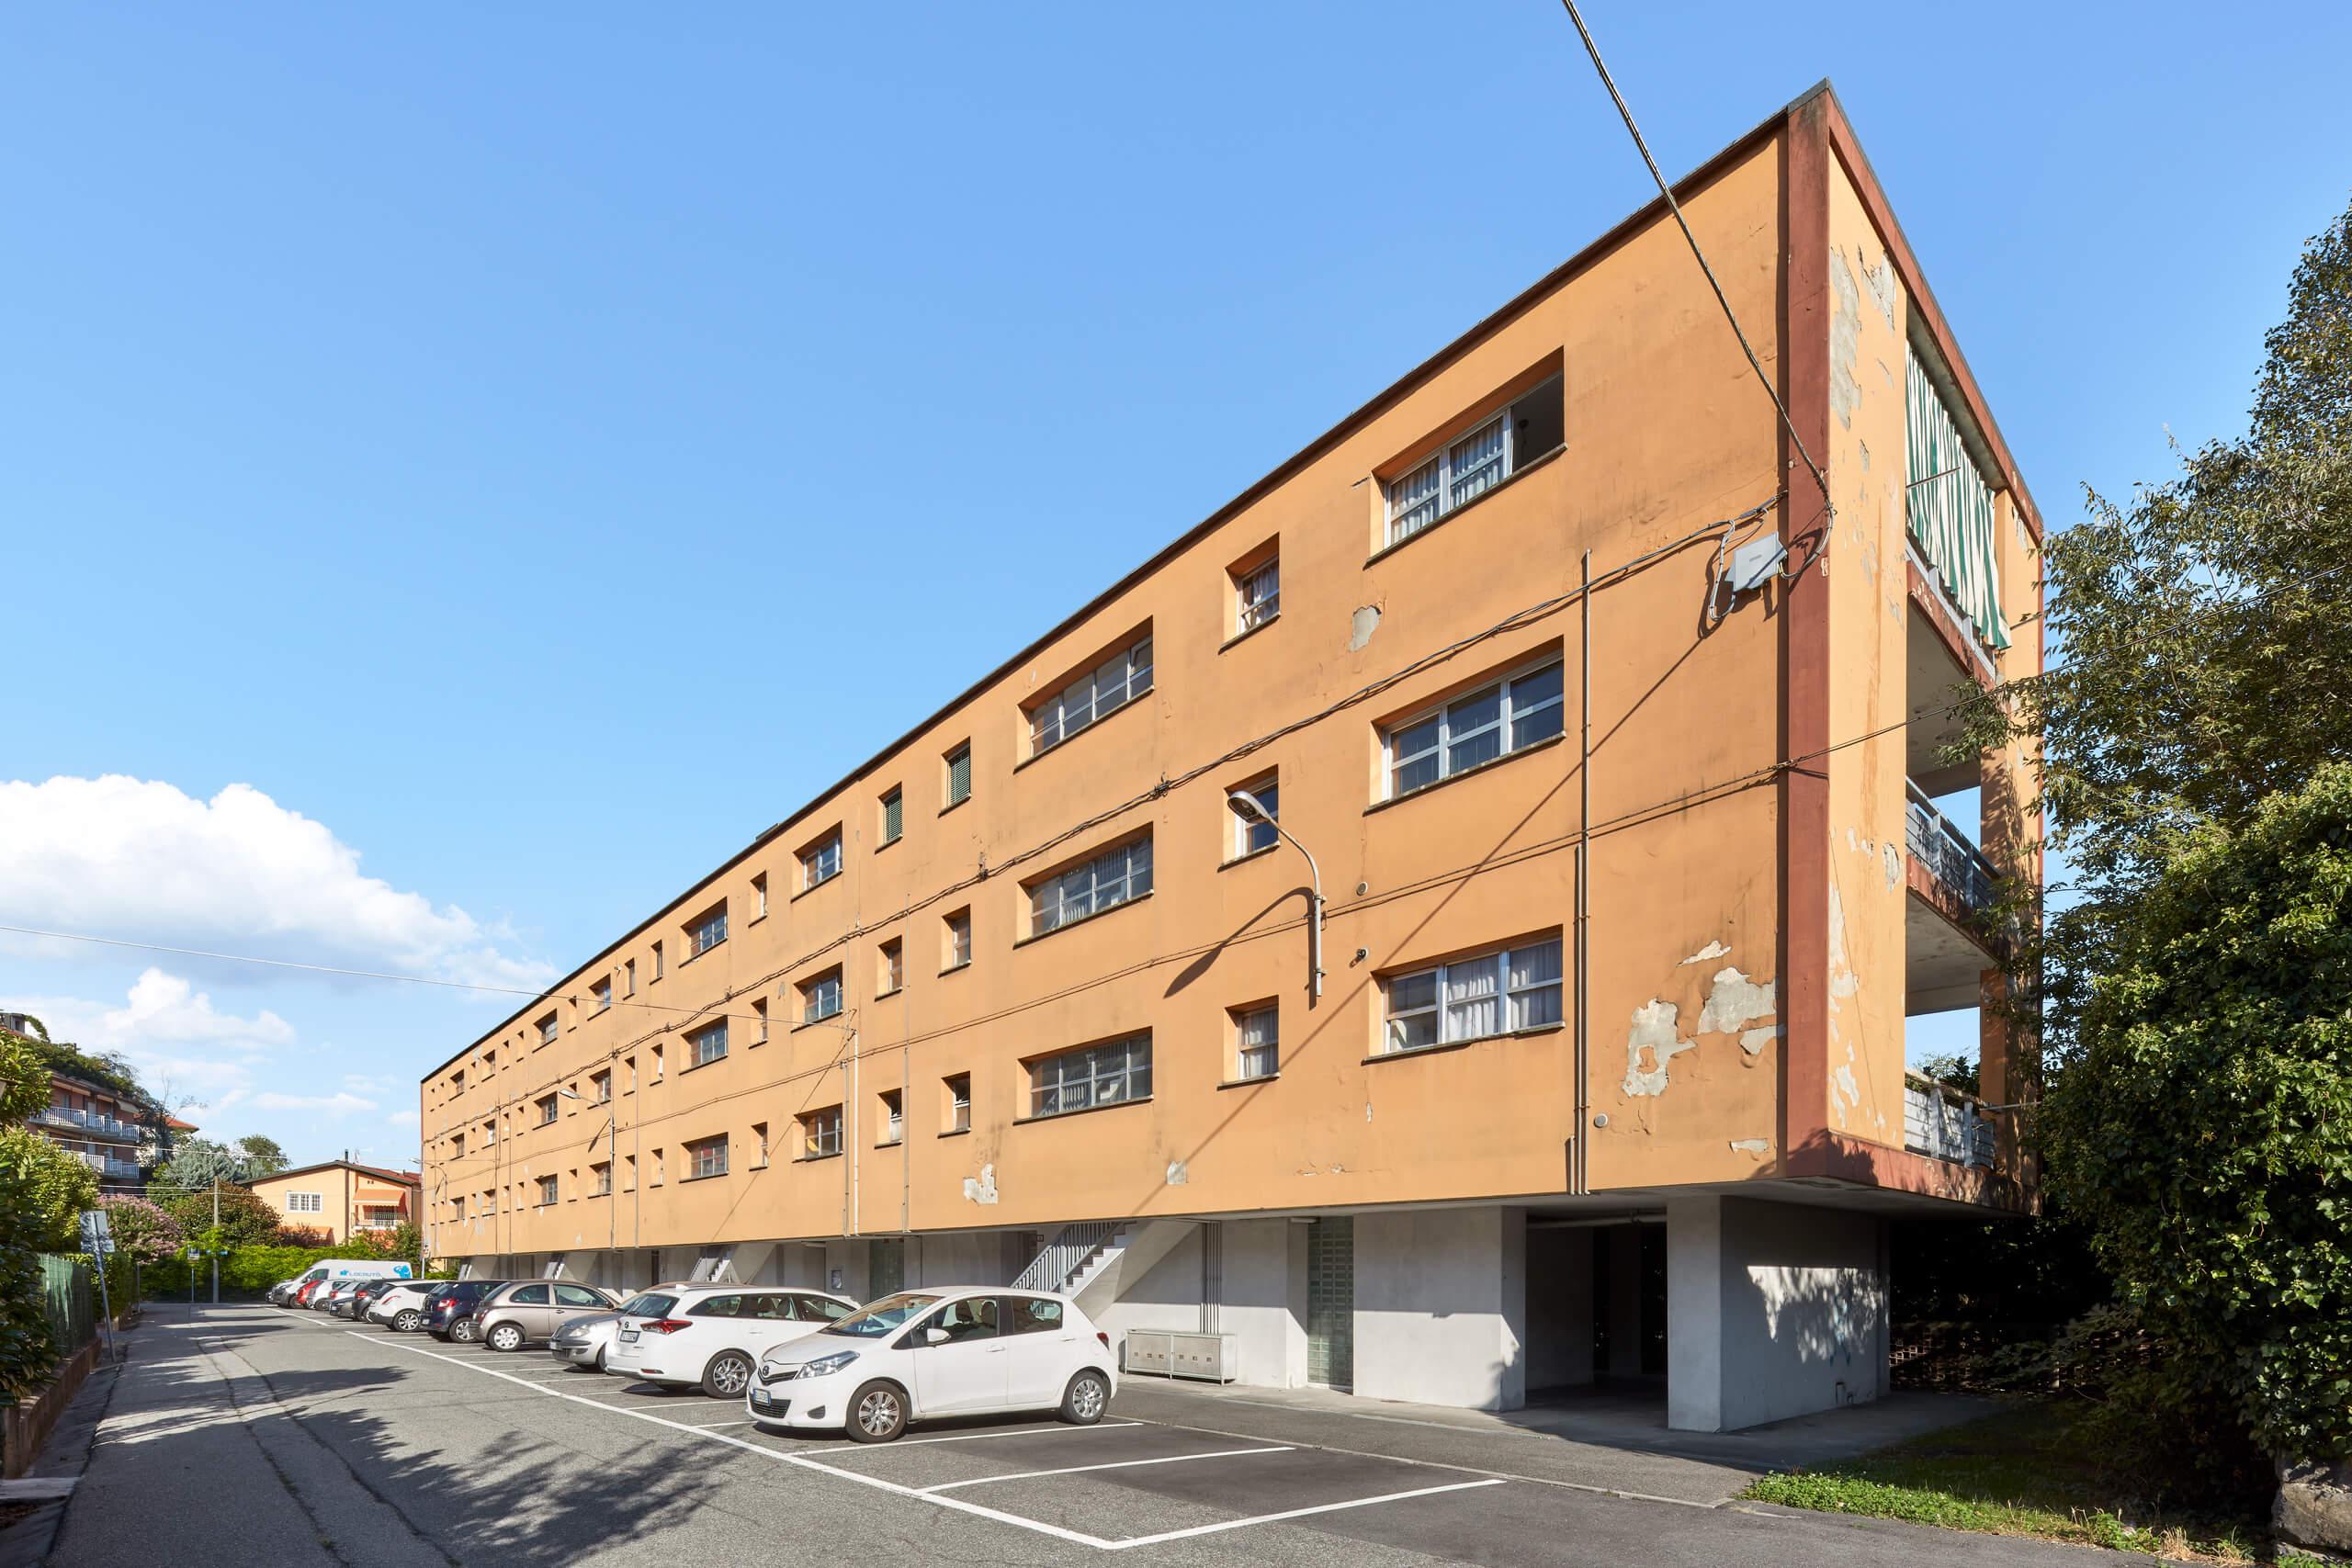 Federico_Covre_Casa_Popolare_Borgo_Olivetti_Figini_Pollini_1939-41_Ivrea_2020_05